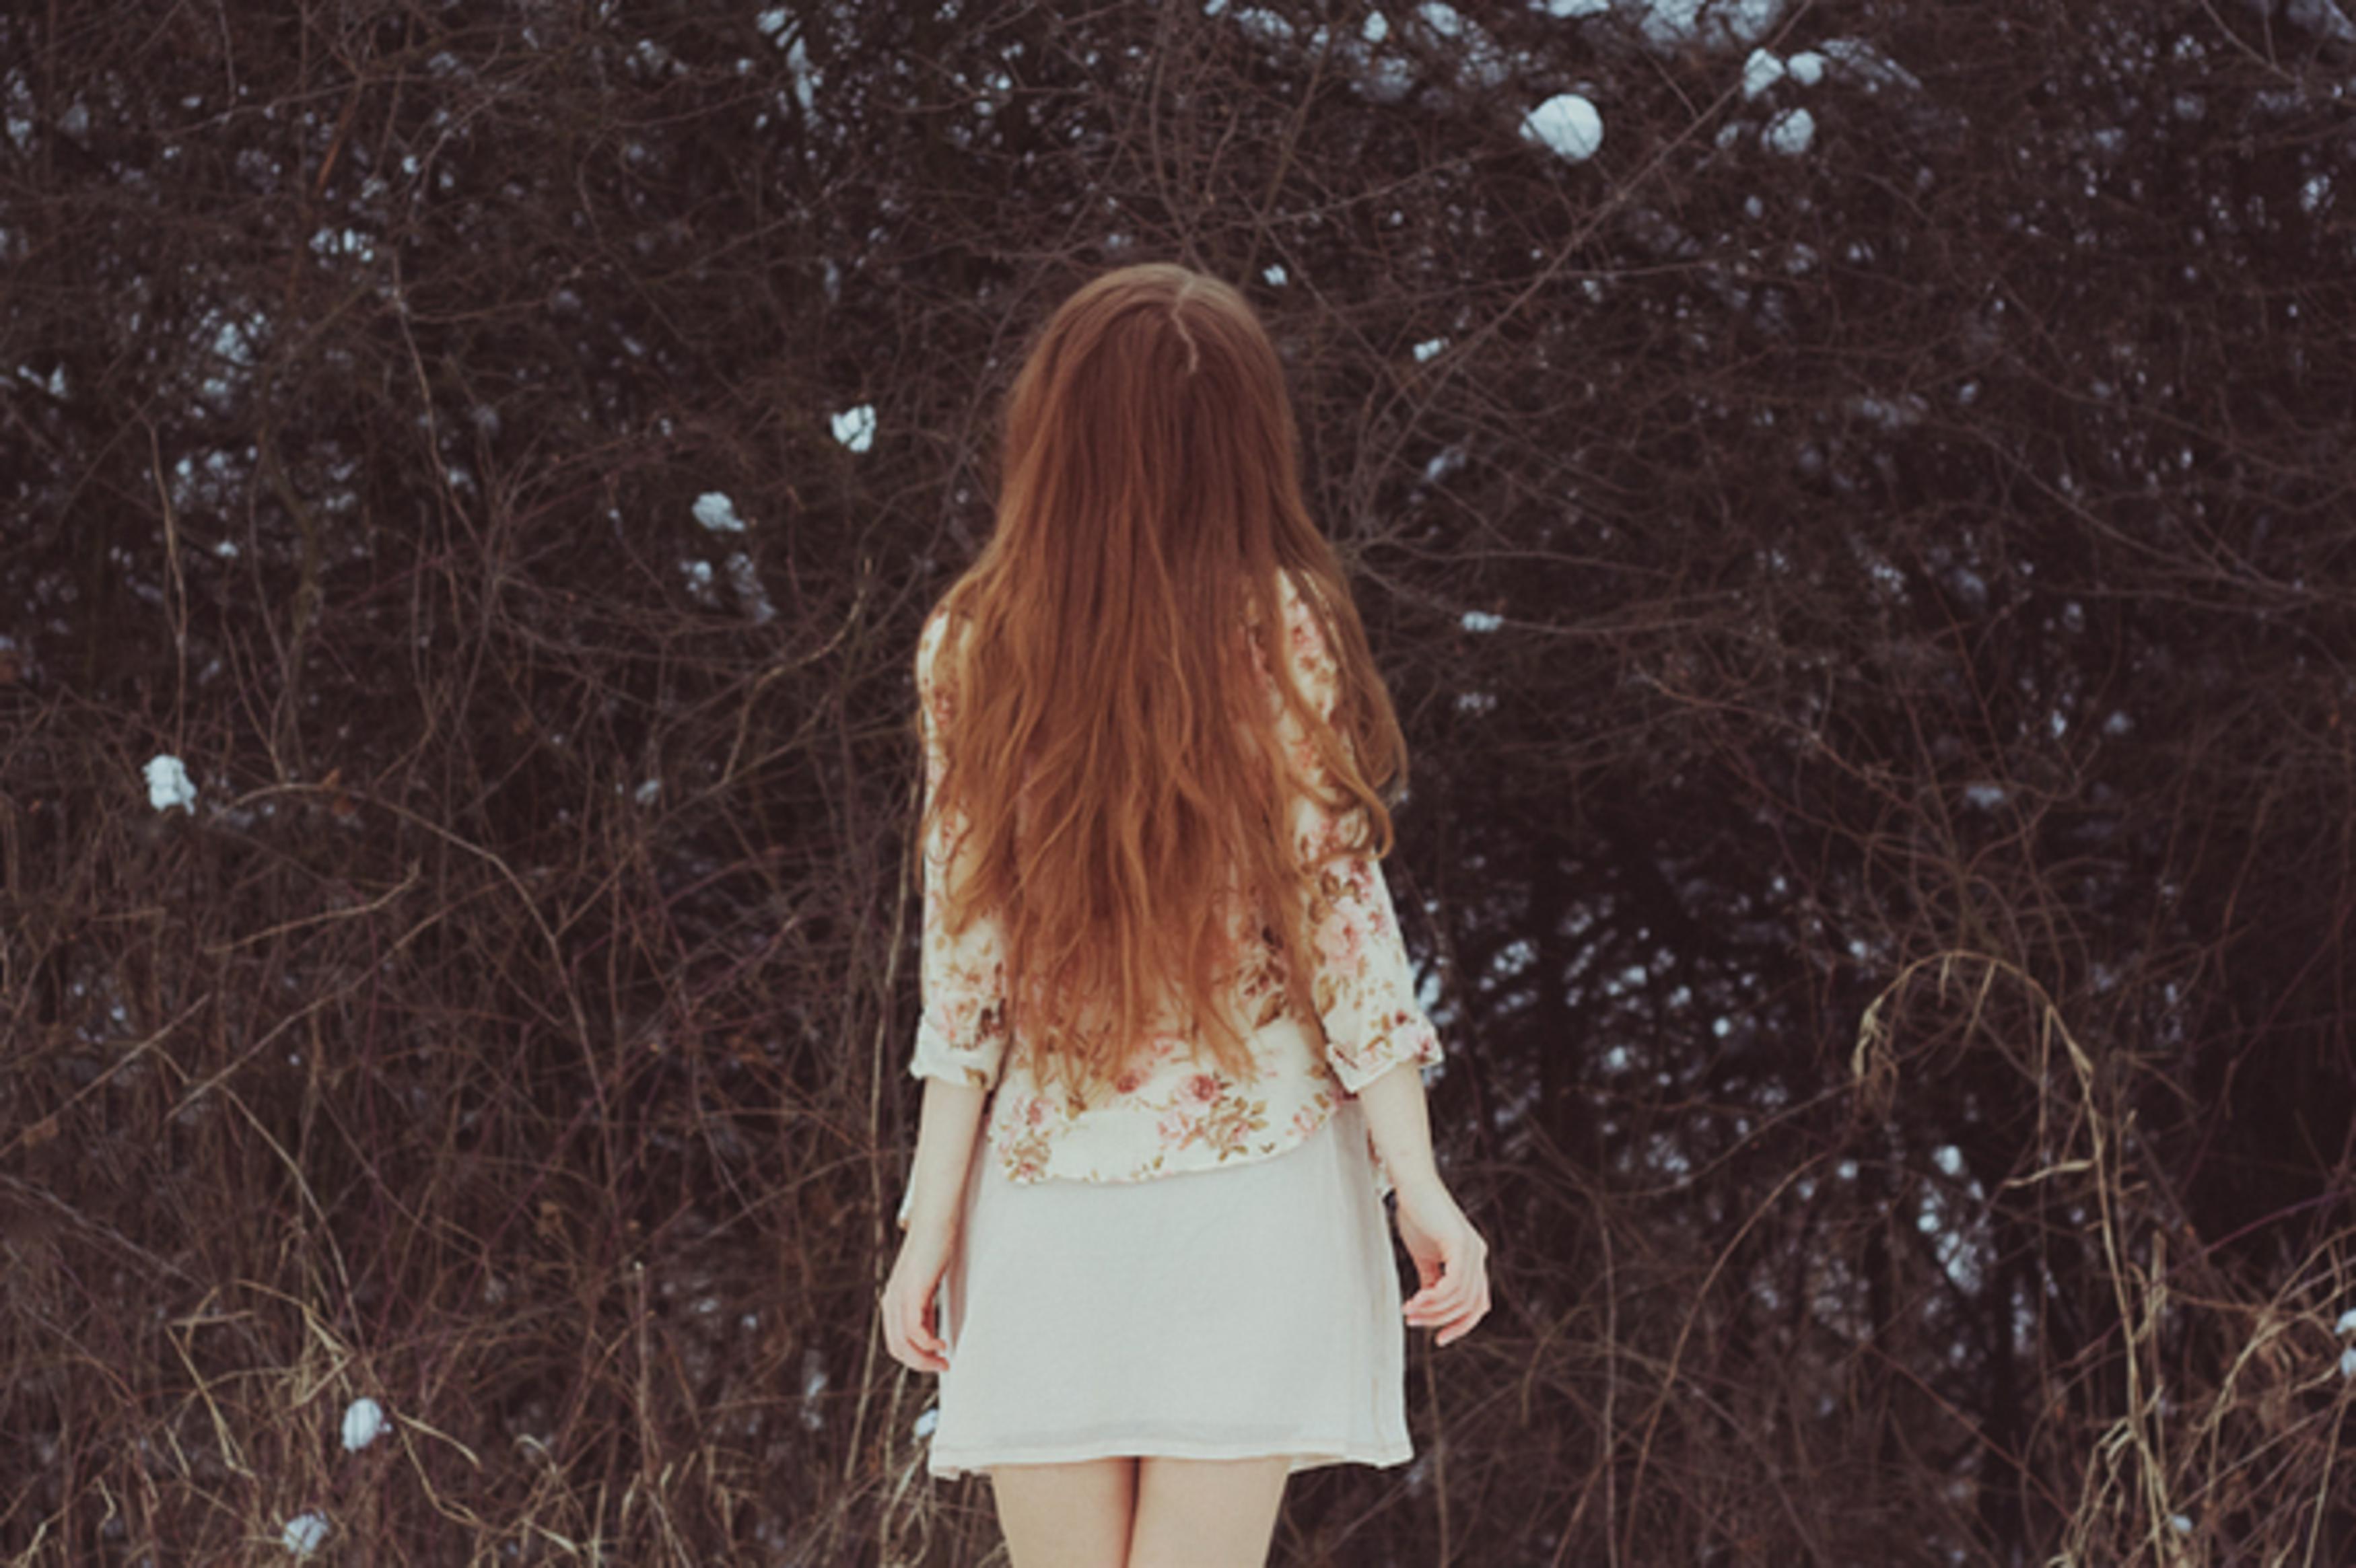 Фото со спины девушки с длинными волосами темными на тротуаре